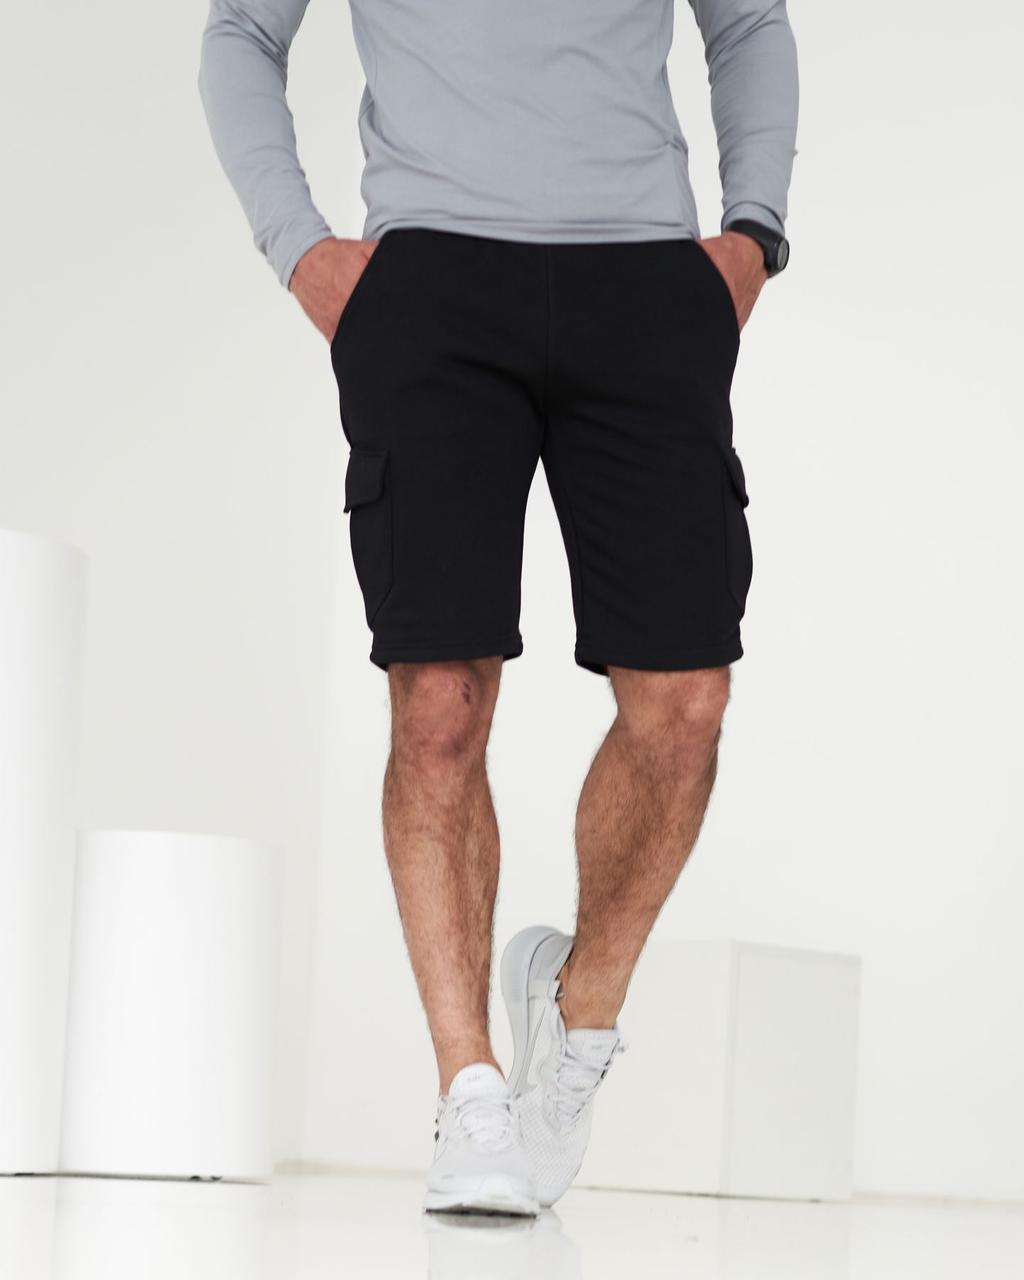 Чоловічі трикотажні чорні шорти карго з кишенями / Чорні спортивні шорти, бриджі чоловічі